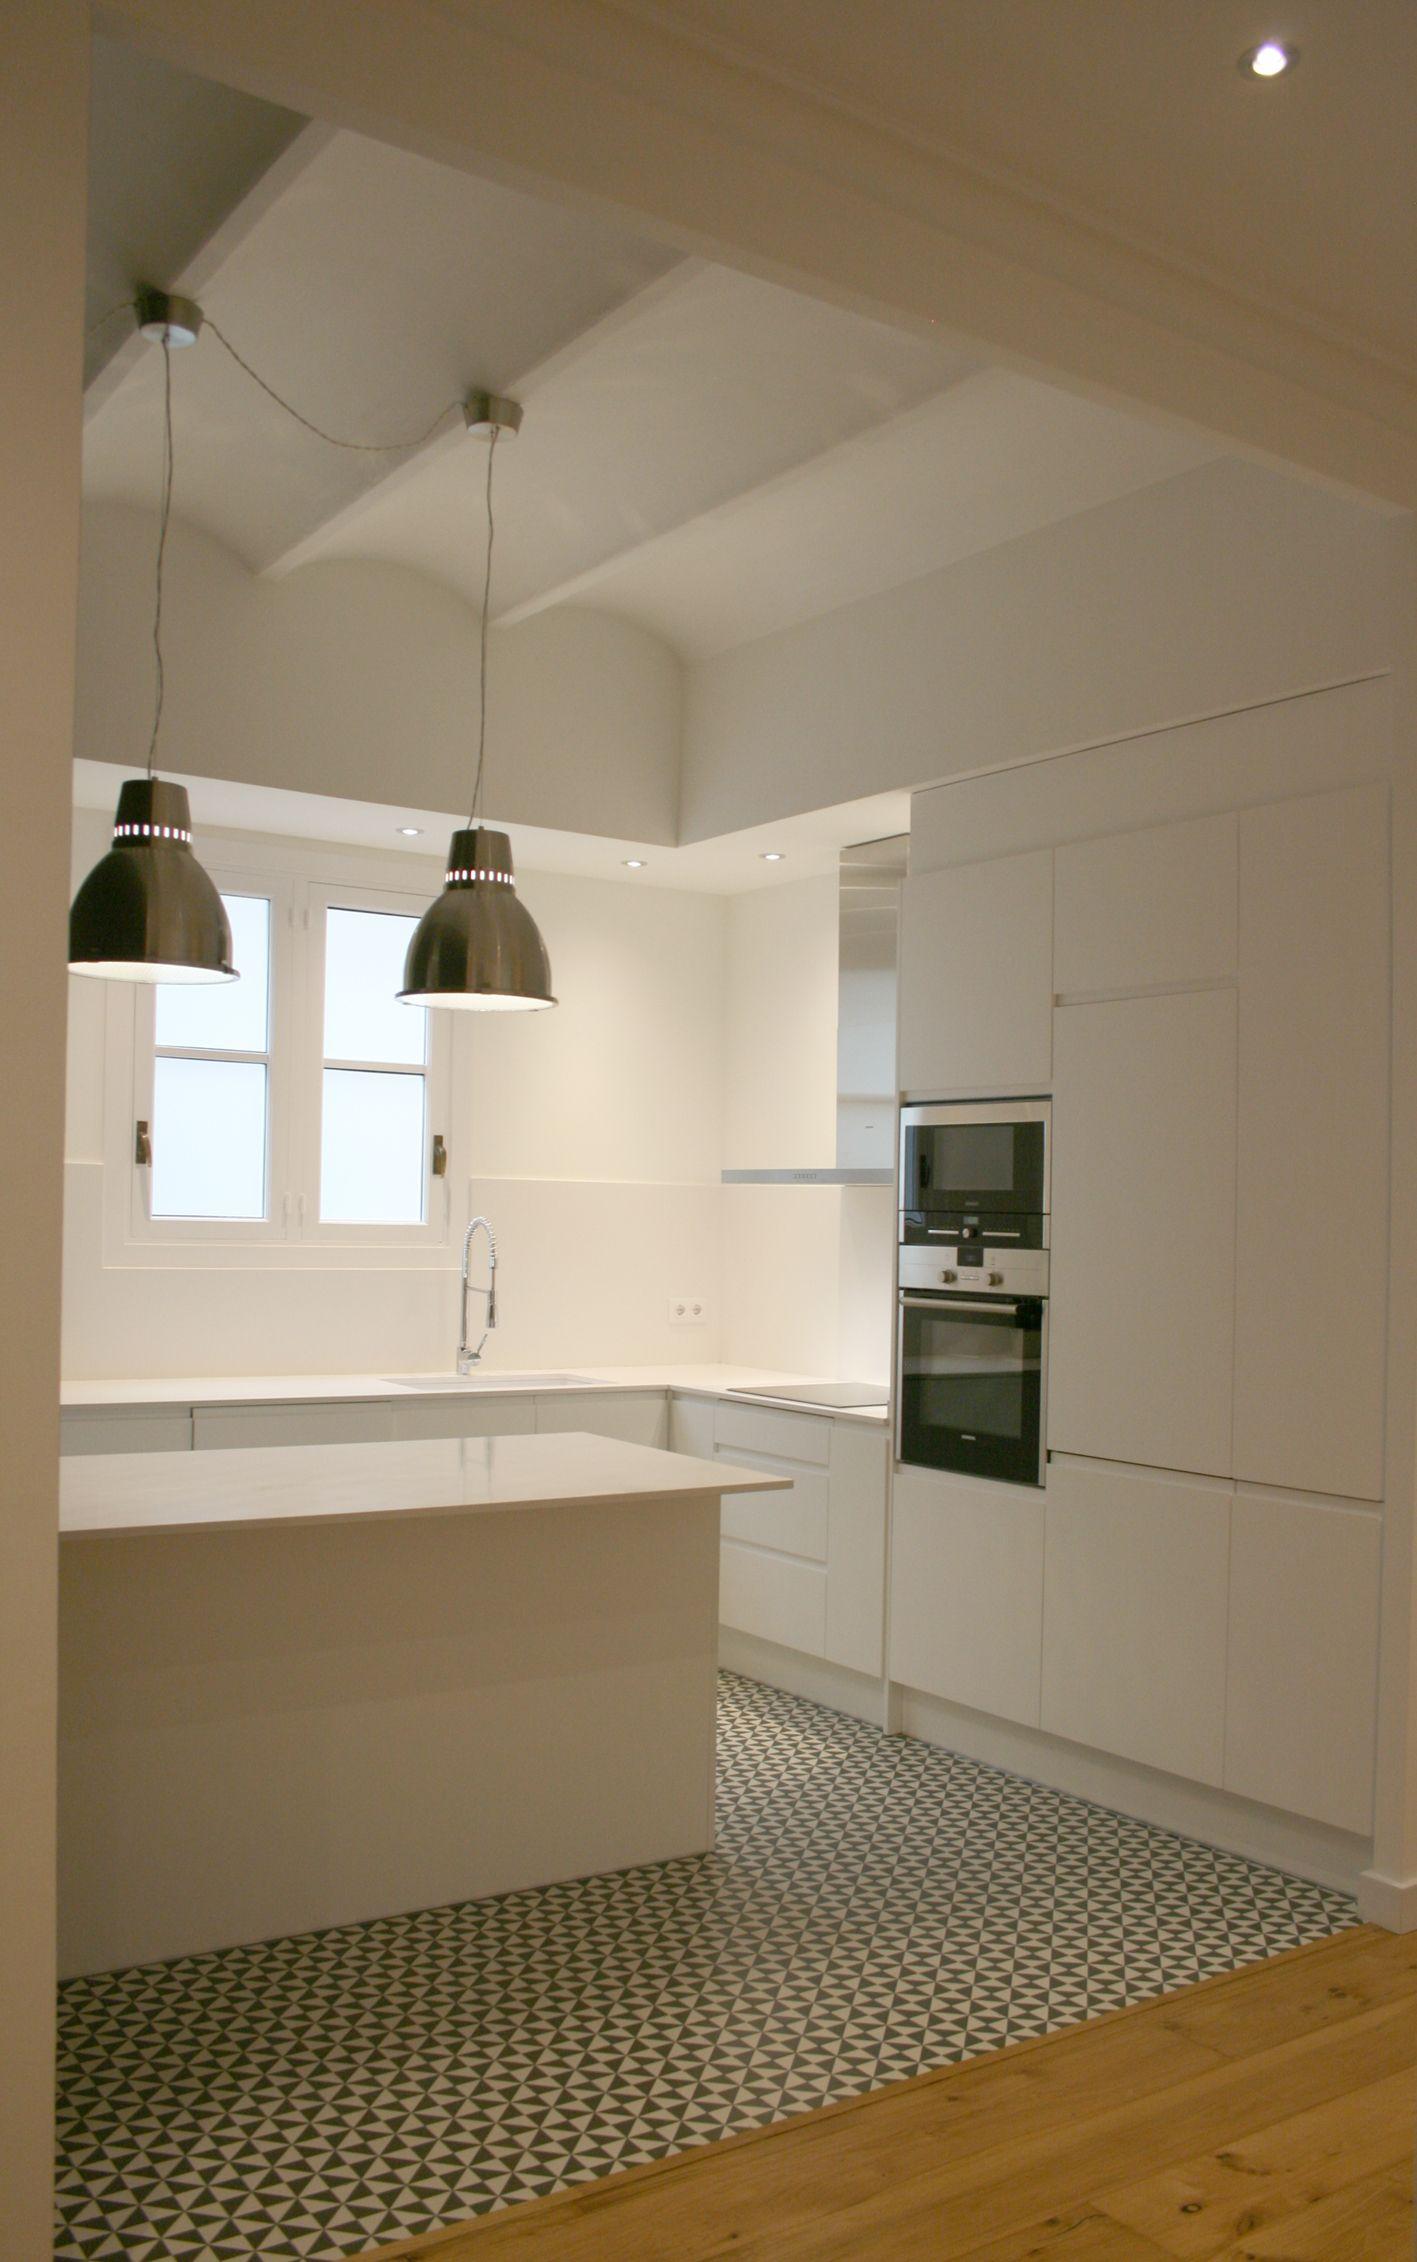 diseño cocina suelo hidraulico | Cocina integrada | Cocinas, Suelos ...